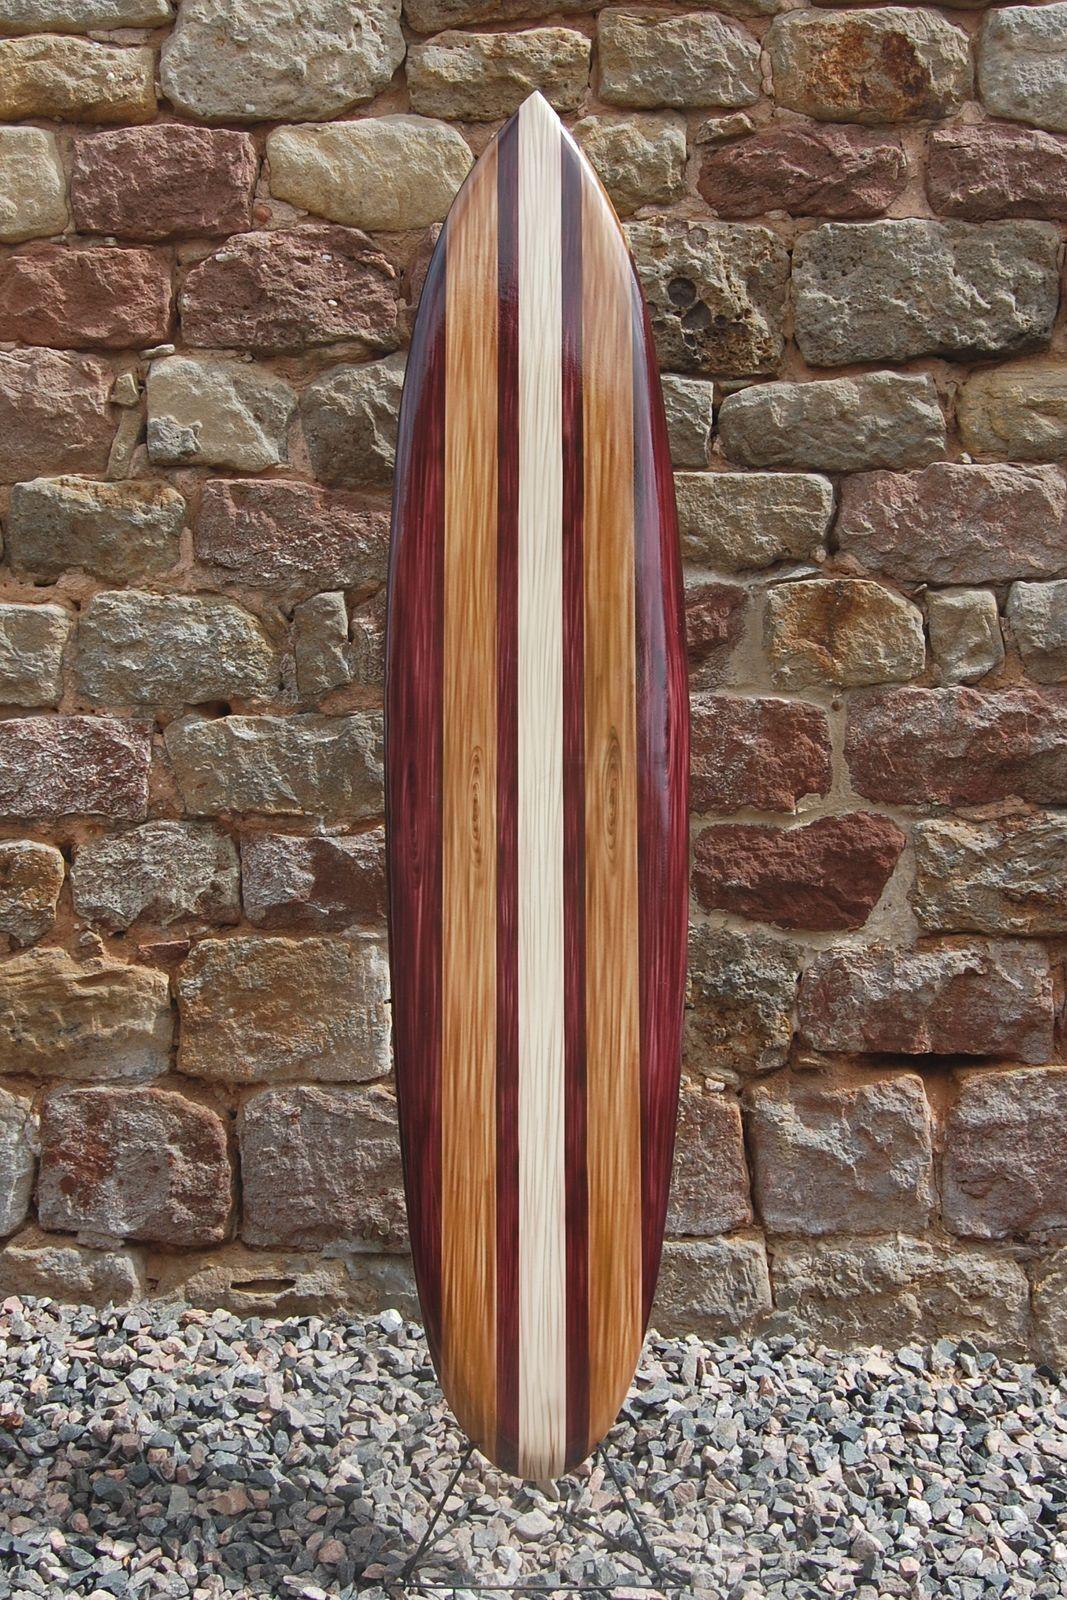 SU 160 - R9   Deko Surfboard Surfbrett 160 cm Surfbretter Dekosurfboard Board